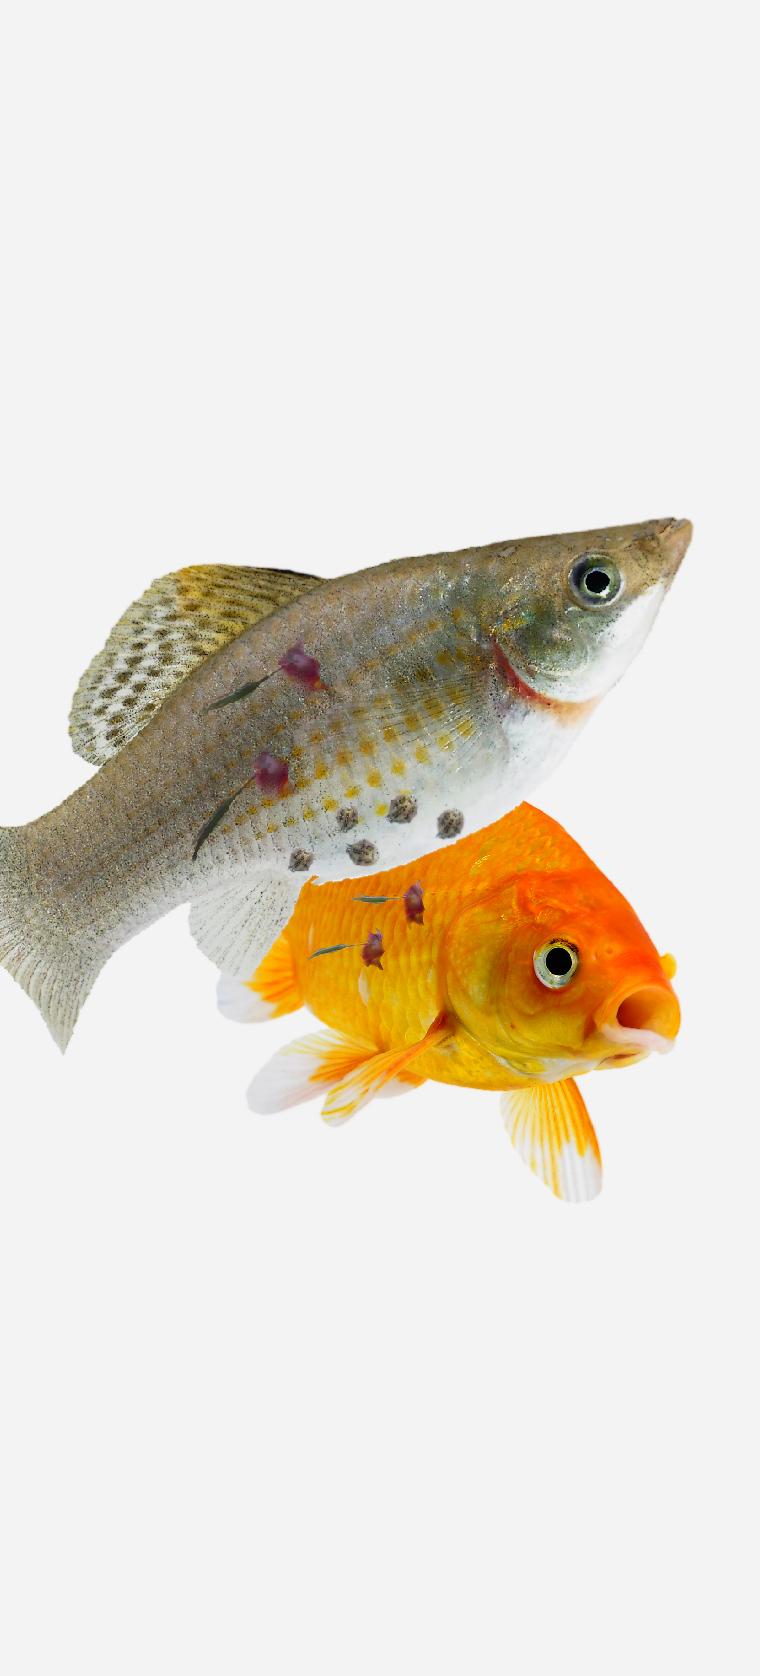 How to treat a visible parasite in aquarium fish pond for Aquarium fish pond